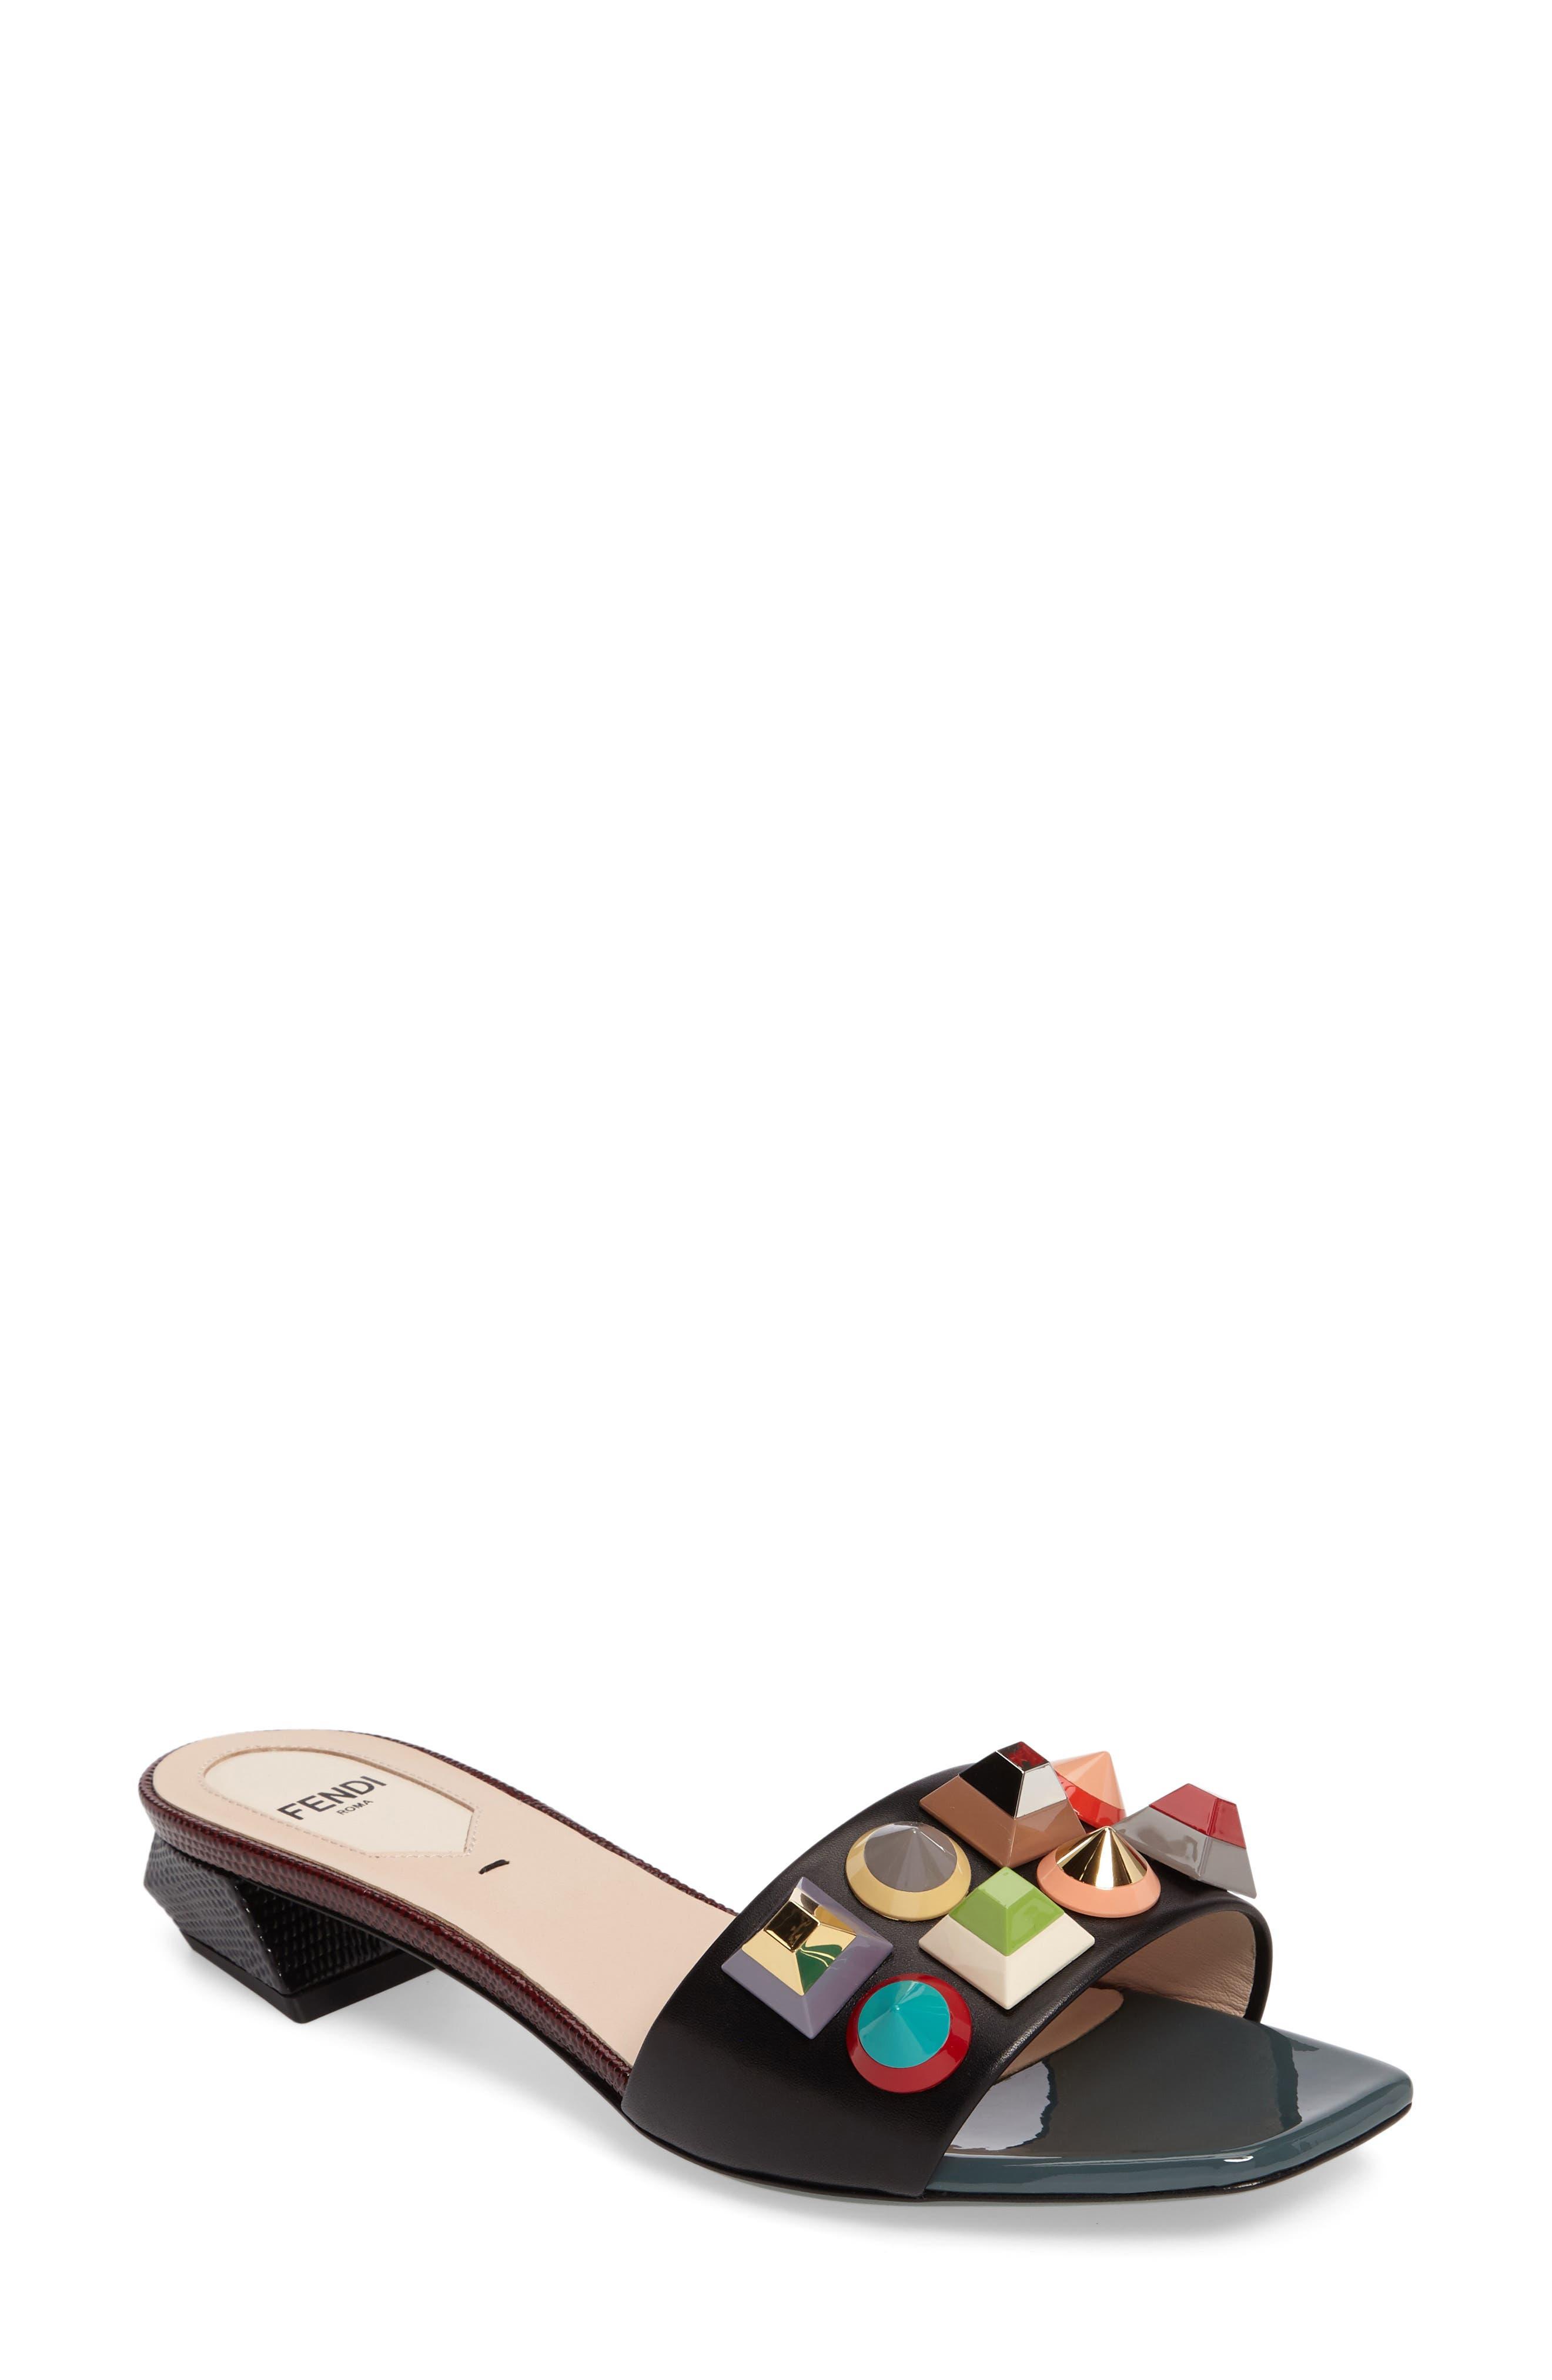 Alternate Image 1 Selected - Fendi Stud Rainbow Slide Sandal (Women)